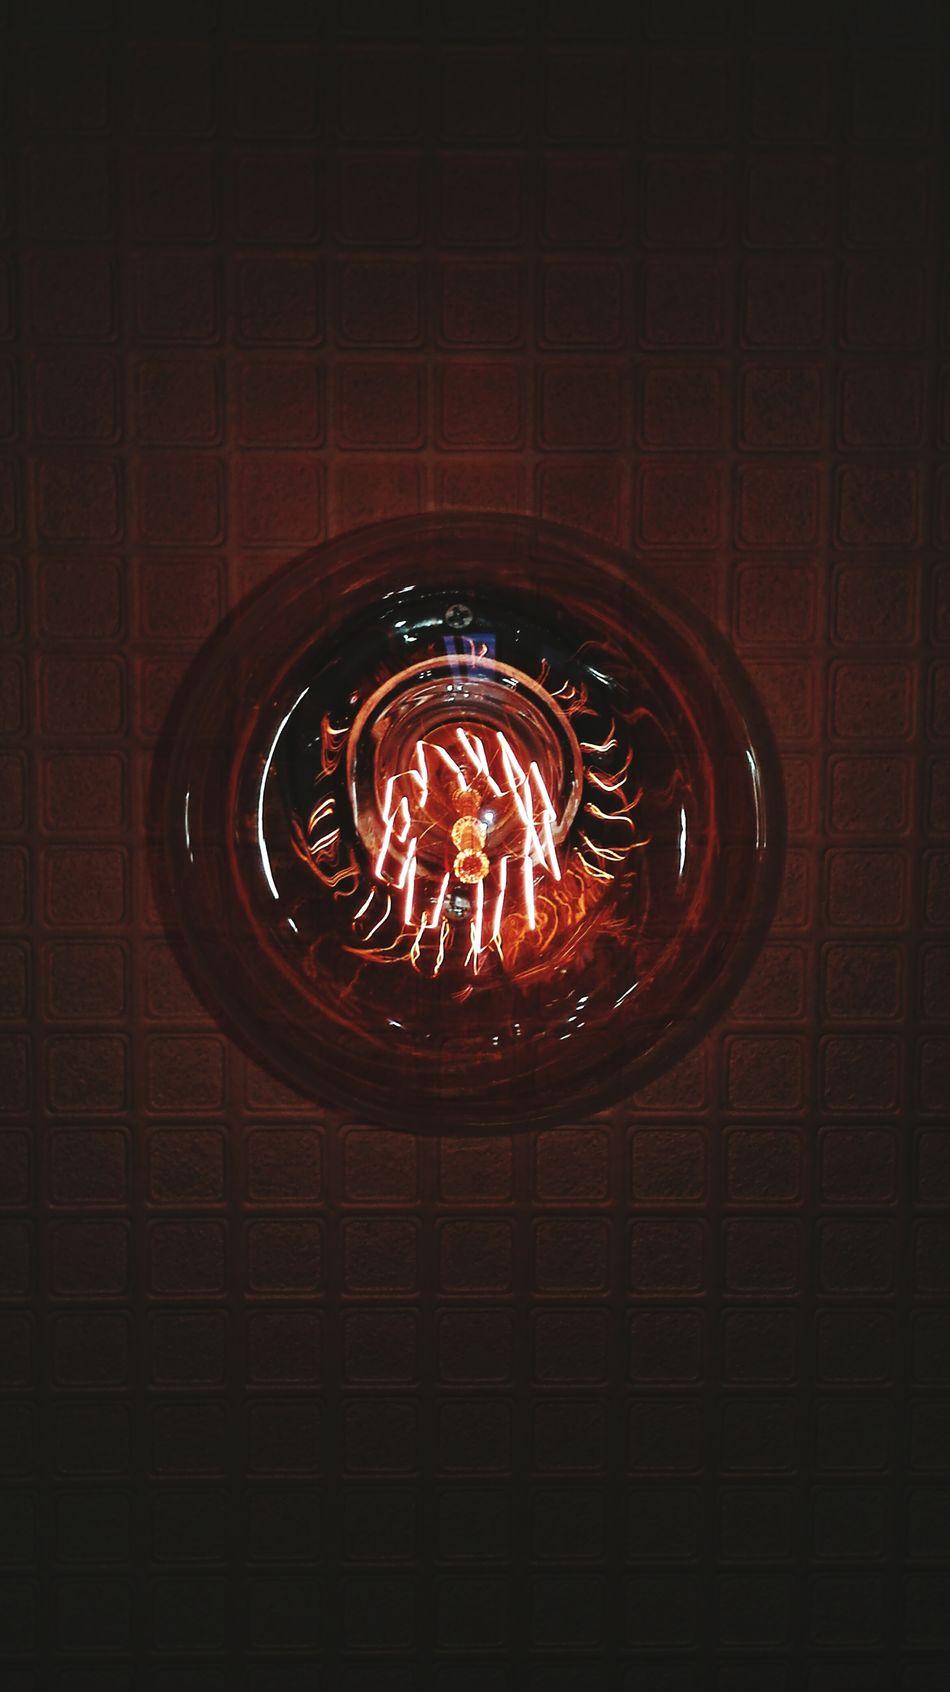 Edison Bulbs Edisonlamp EdisonLight Taking Photos Enjoying Life Hello World Fukuoka,Japan エジソンバルブ